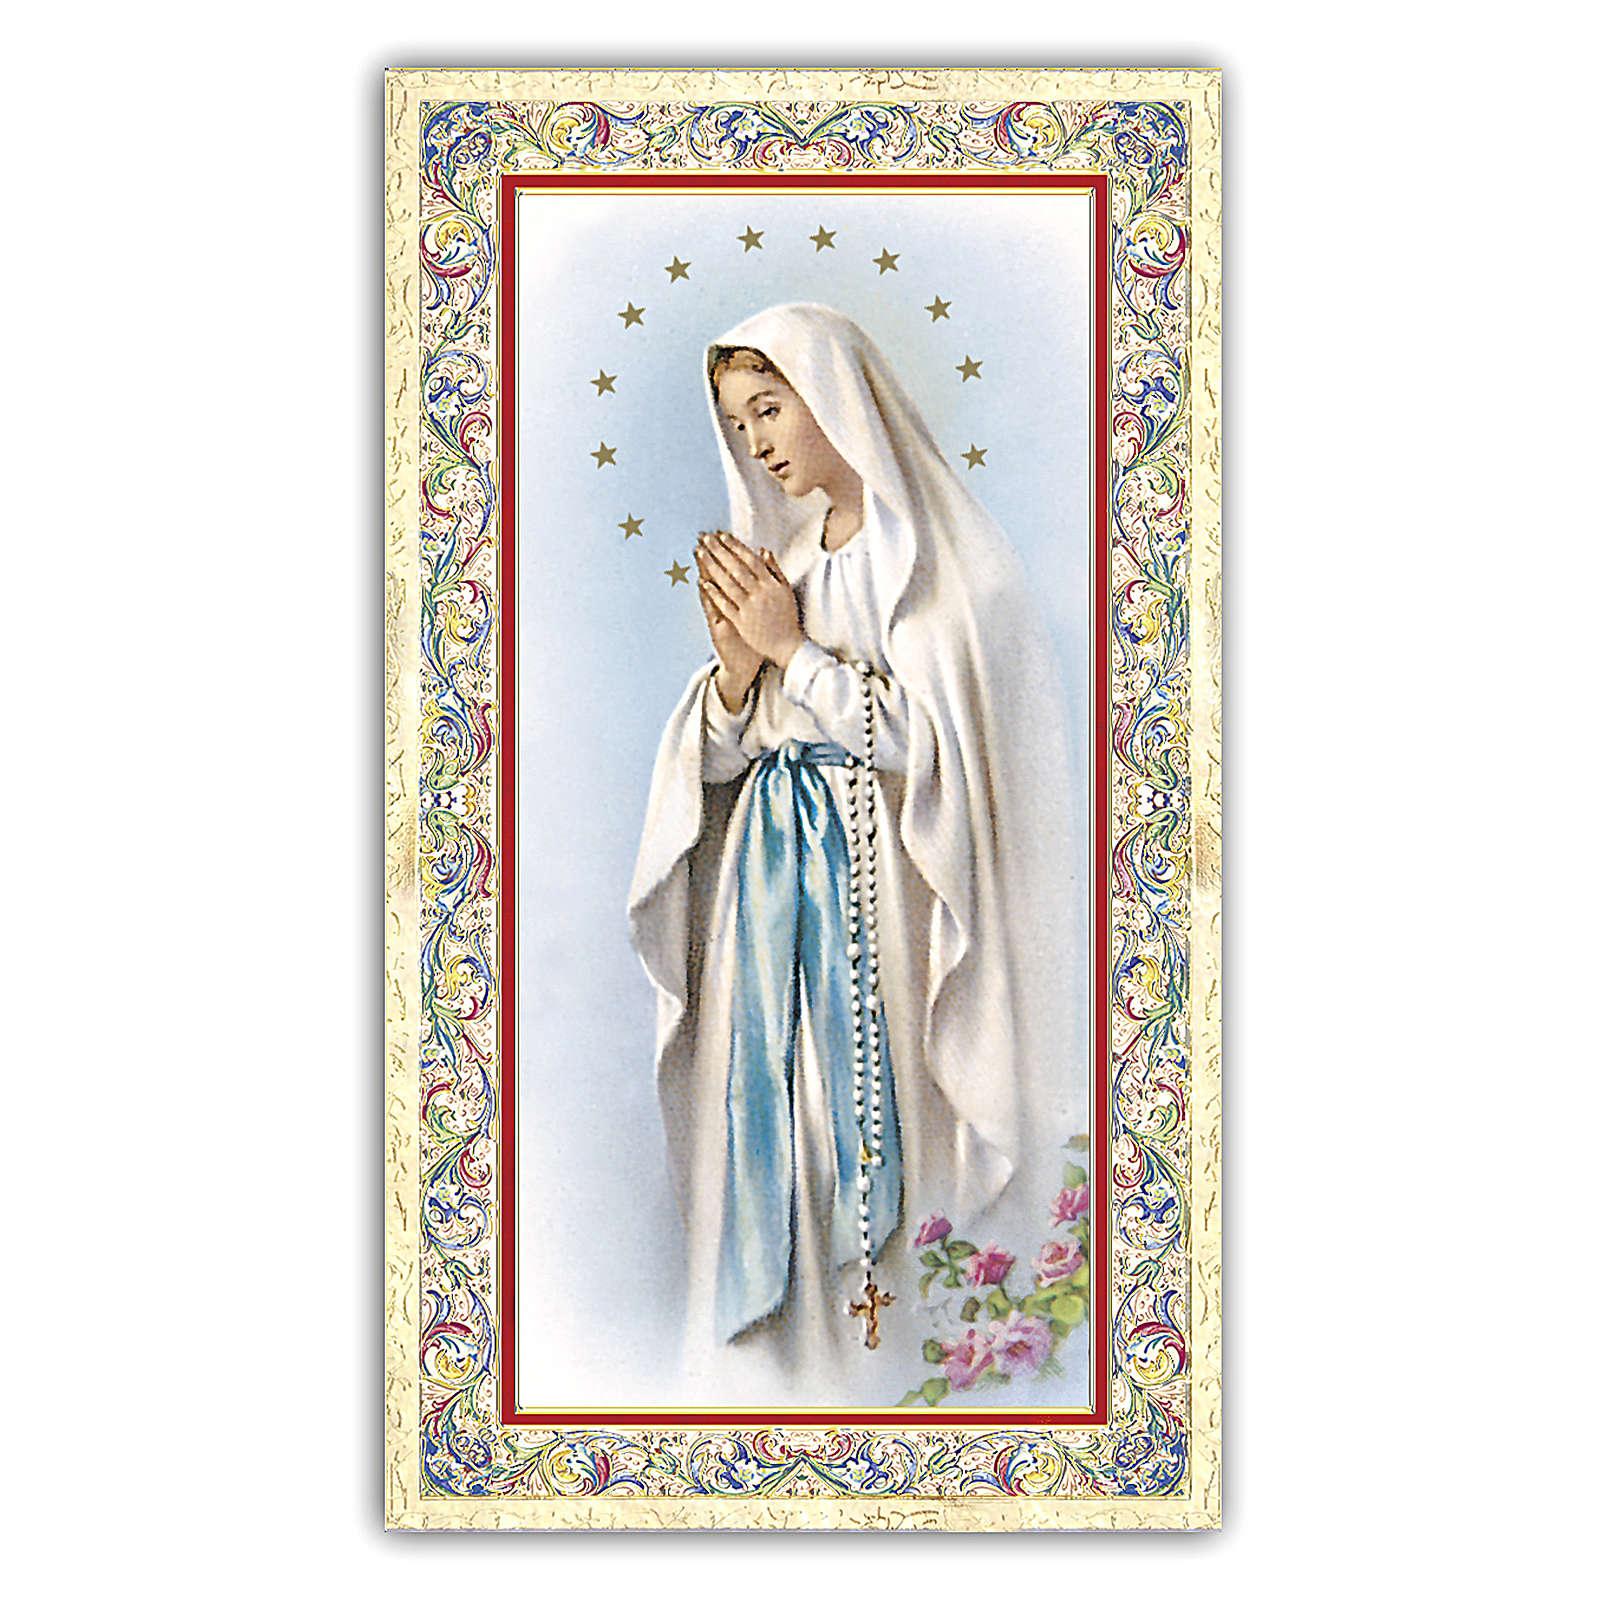 Estampa religiosa Virgen de Lourdes 10x5 cm ITA 4